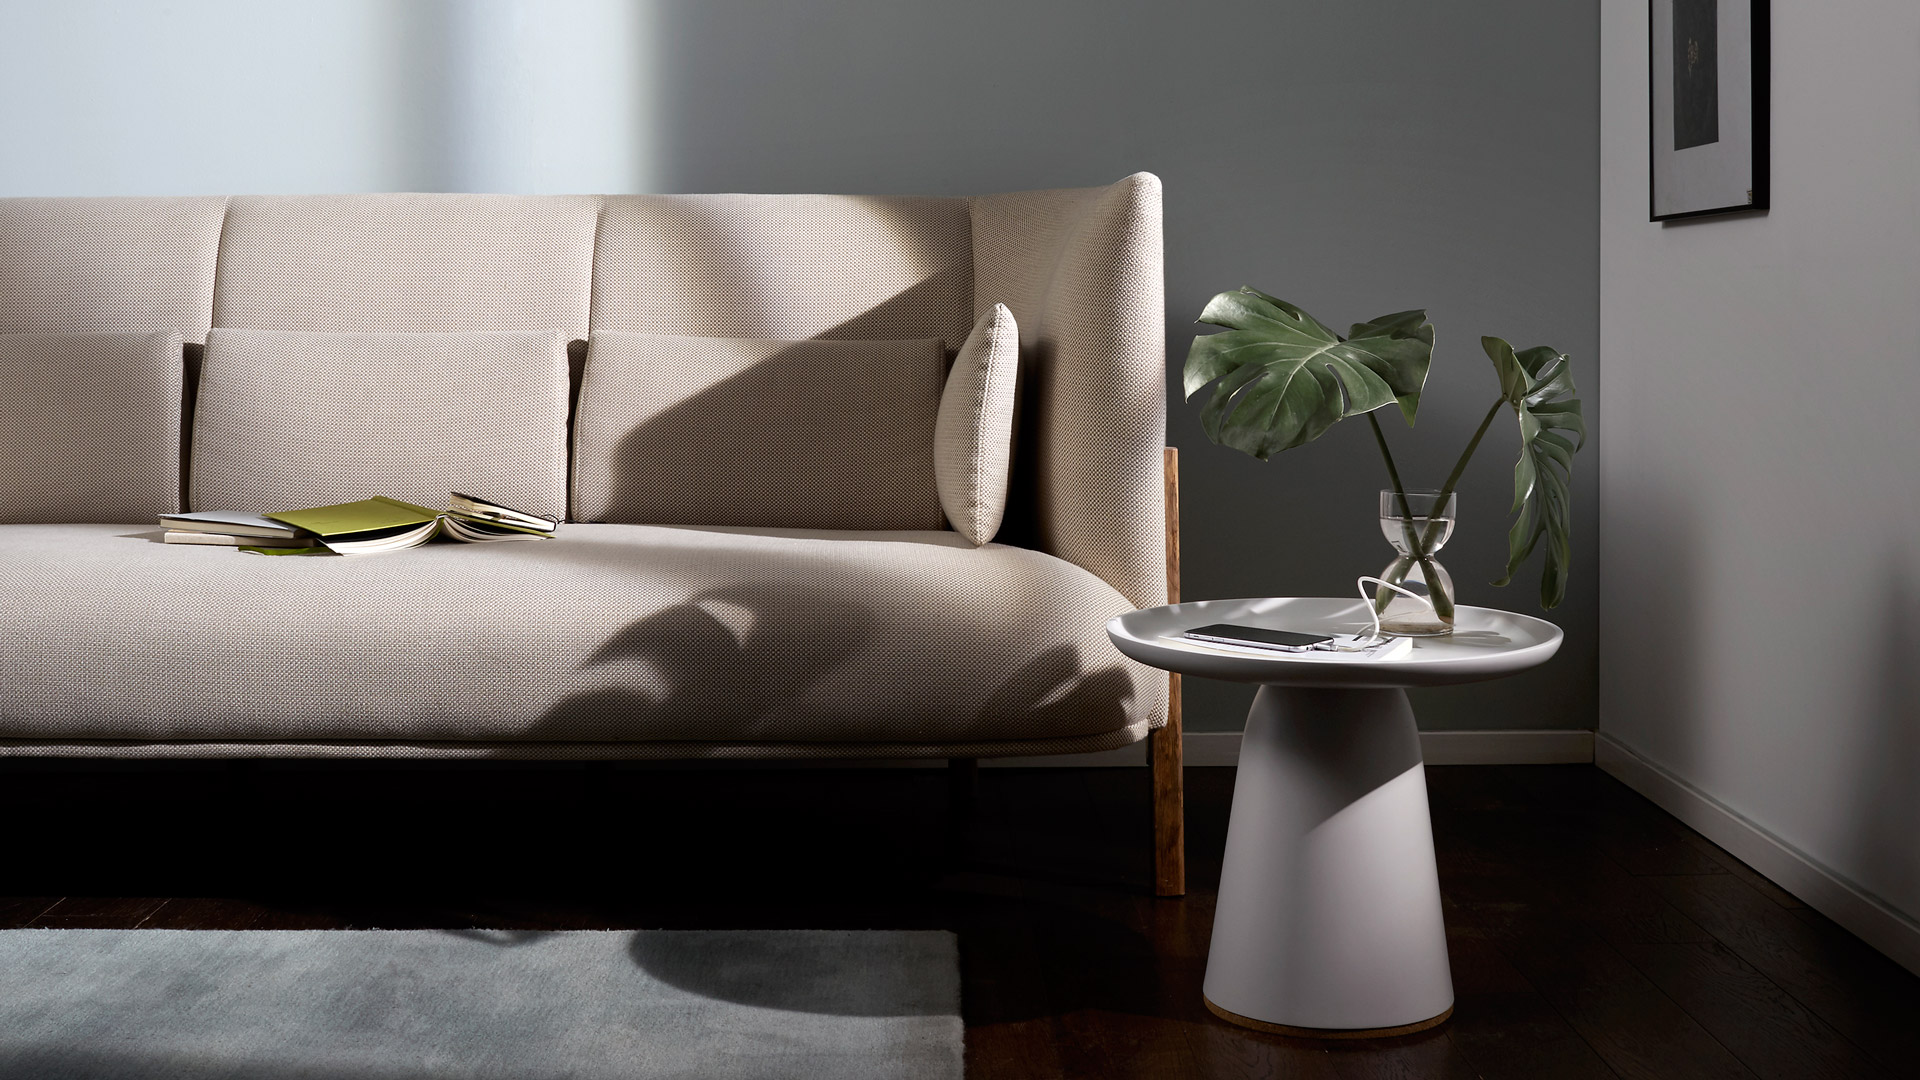 轻盈优雅的集线收纳功能,盘腿沙发阅读的不起身充电,留给自己的满满仪式美。?x-oss-process=image/format,jpg/interlace,1